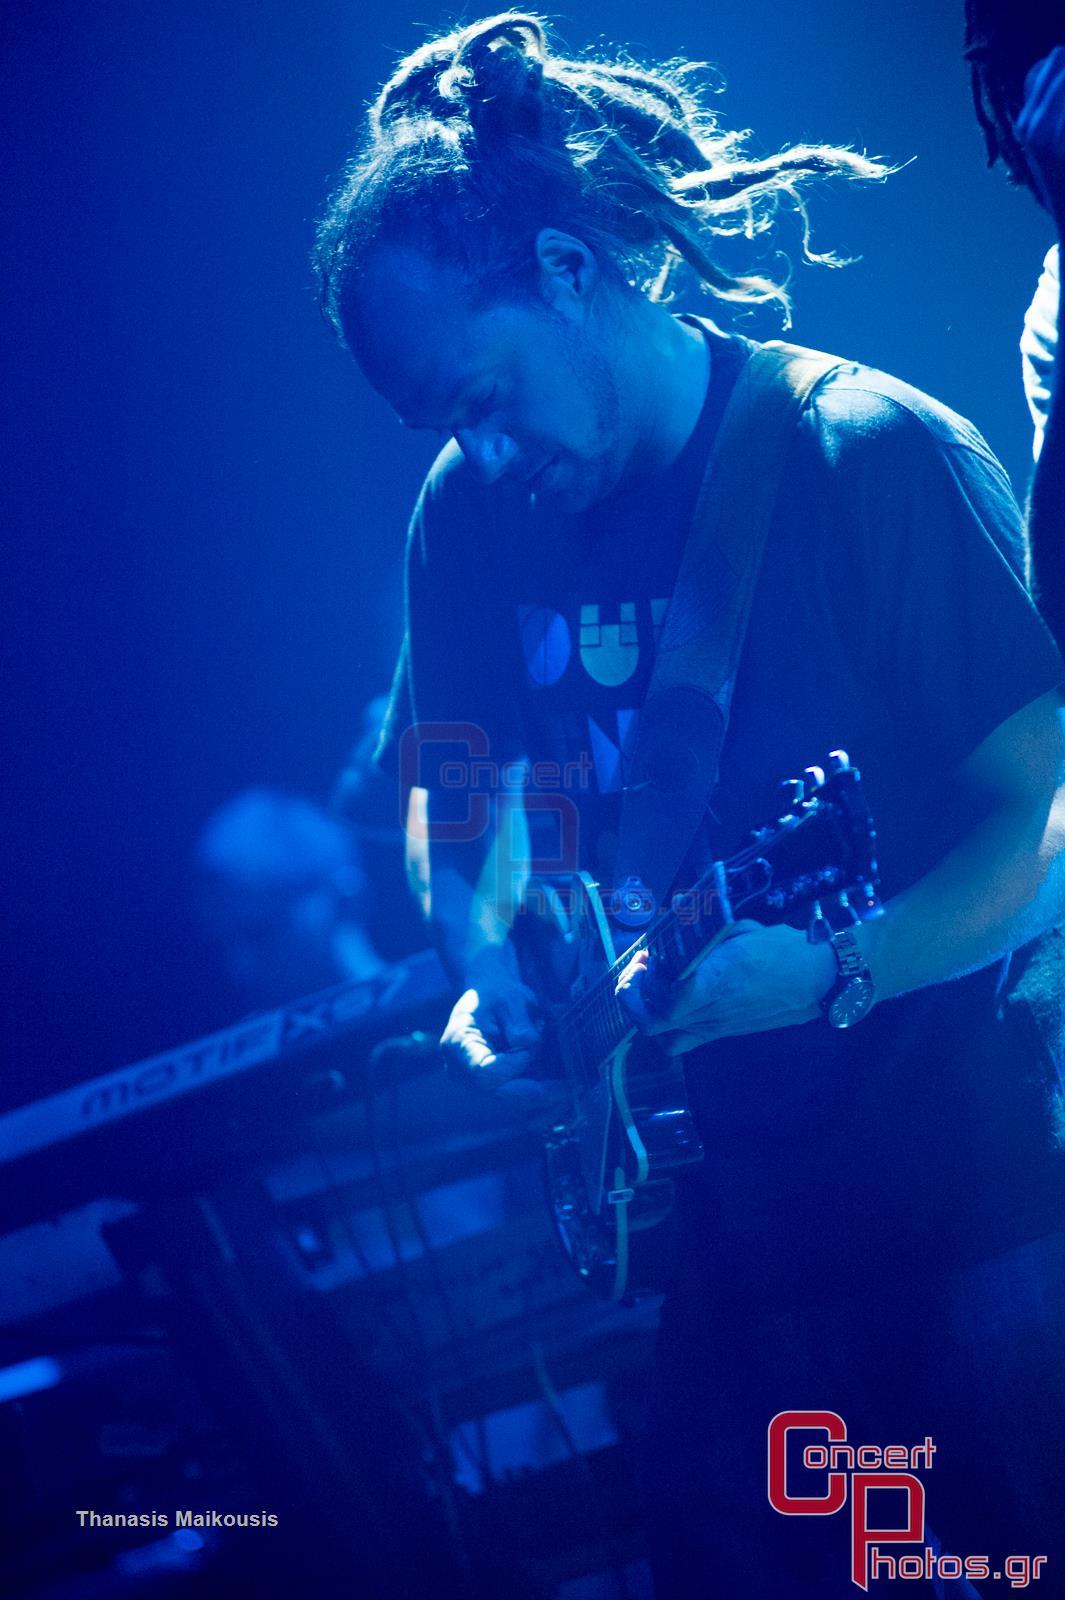 Dub Inc-Dub Inc photographer: Thanasis Maikousis - concertphotos_-5545